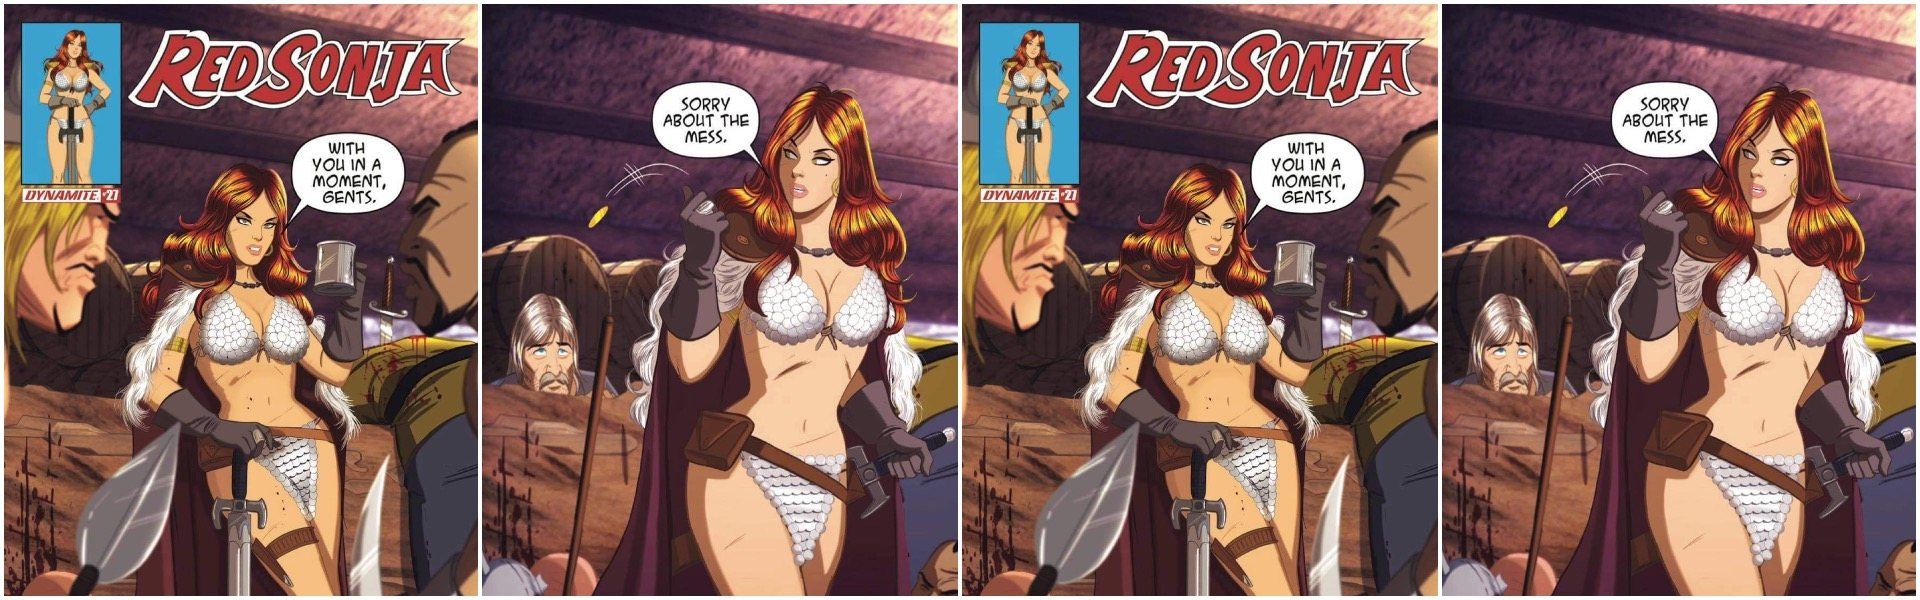 Red Sonja #27 Des Taylor Variants